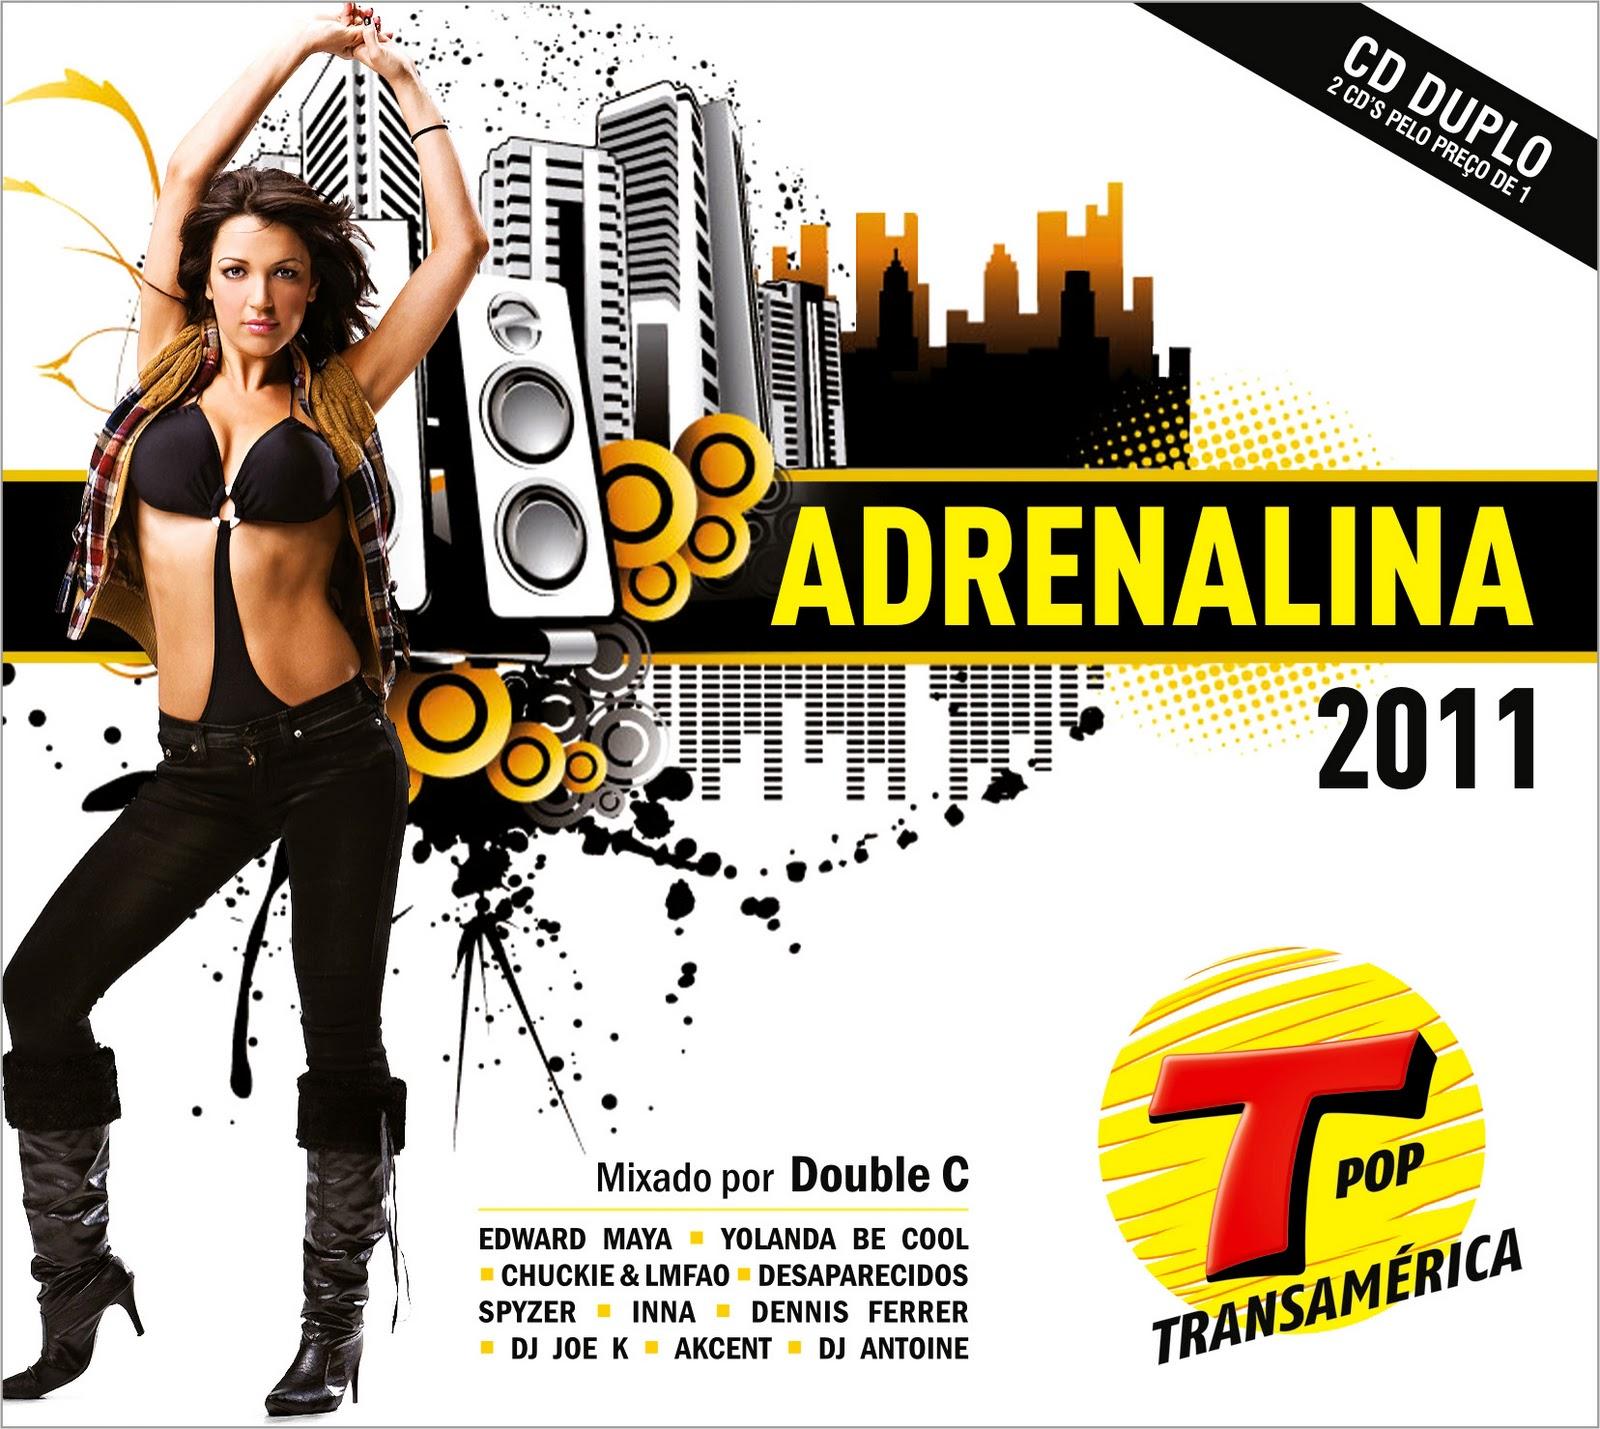 http://1.bp.blogspot.com/_l9YUF9r86q8/TQbpwiTLQKI/AAAAAAAAAGQ/3OJ4ZVwvQvI/s1600/BUI+0444+Adrenalina+2011.jpg